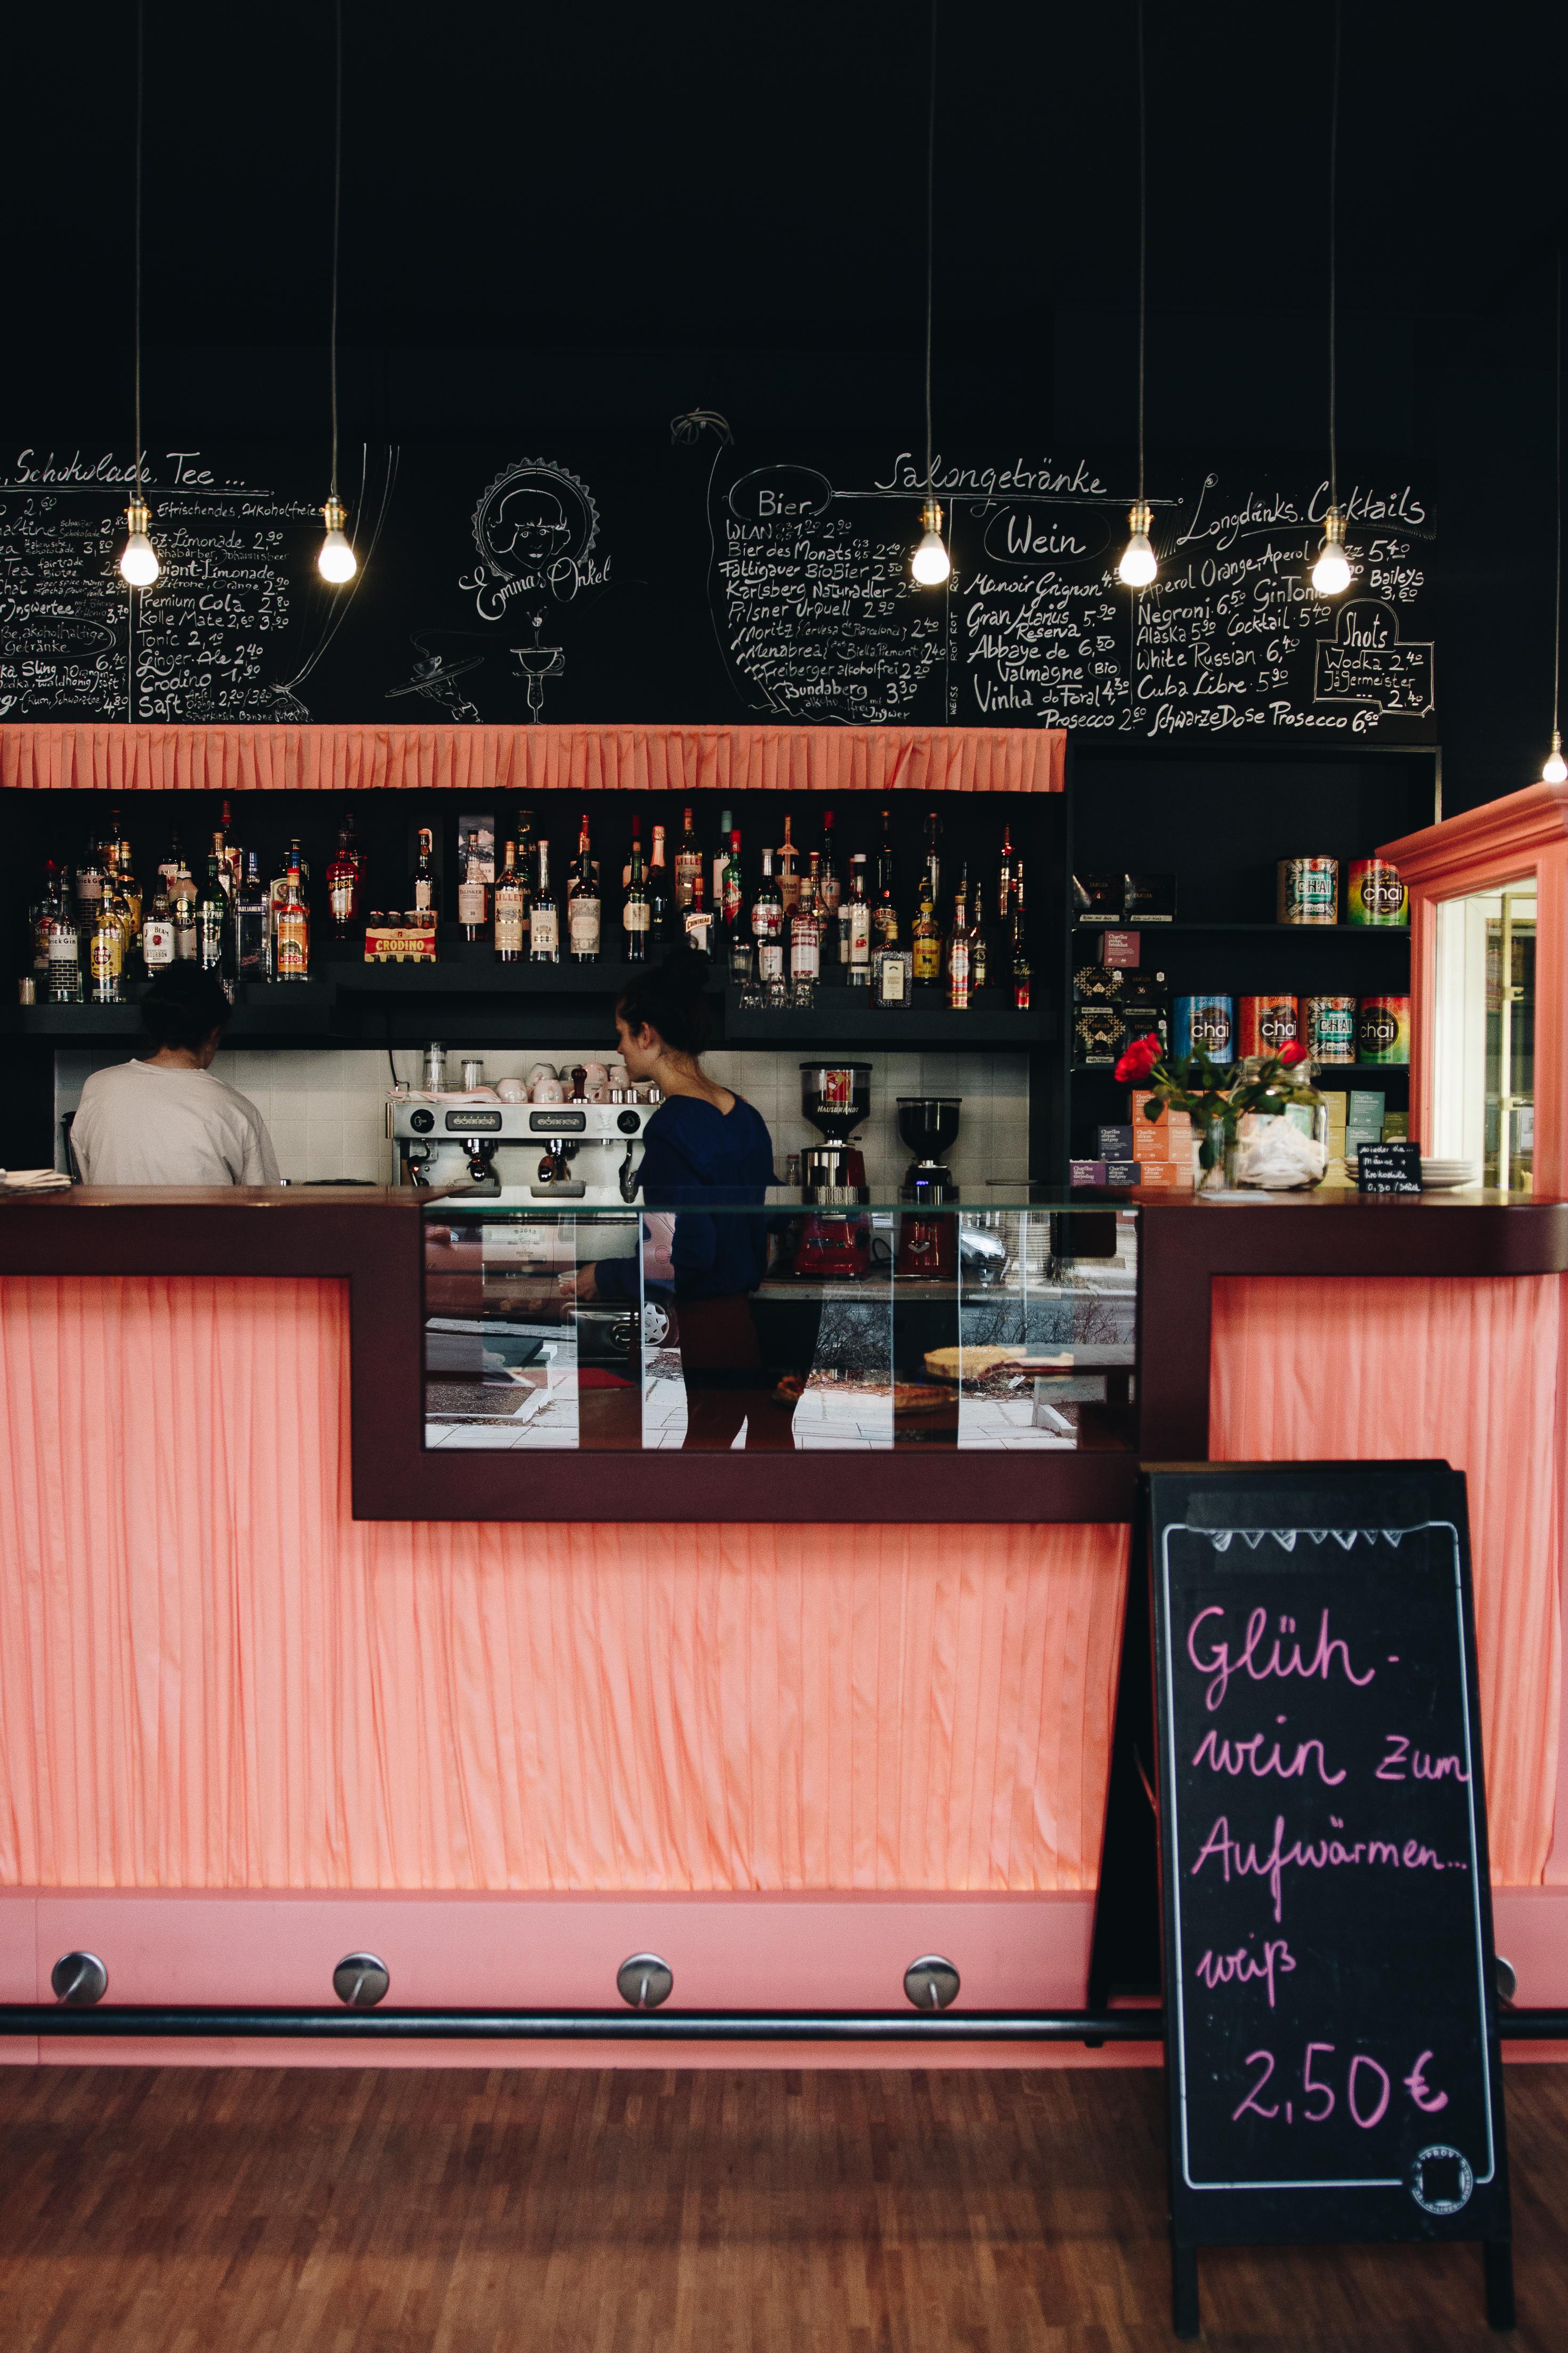 emmas onkel-chemnitz-café-kuchen-annabelle sagt11